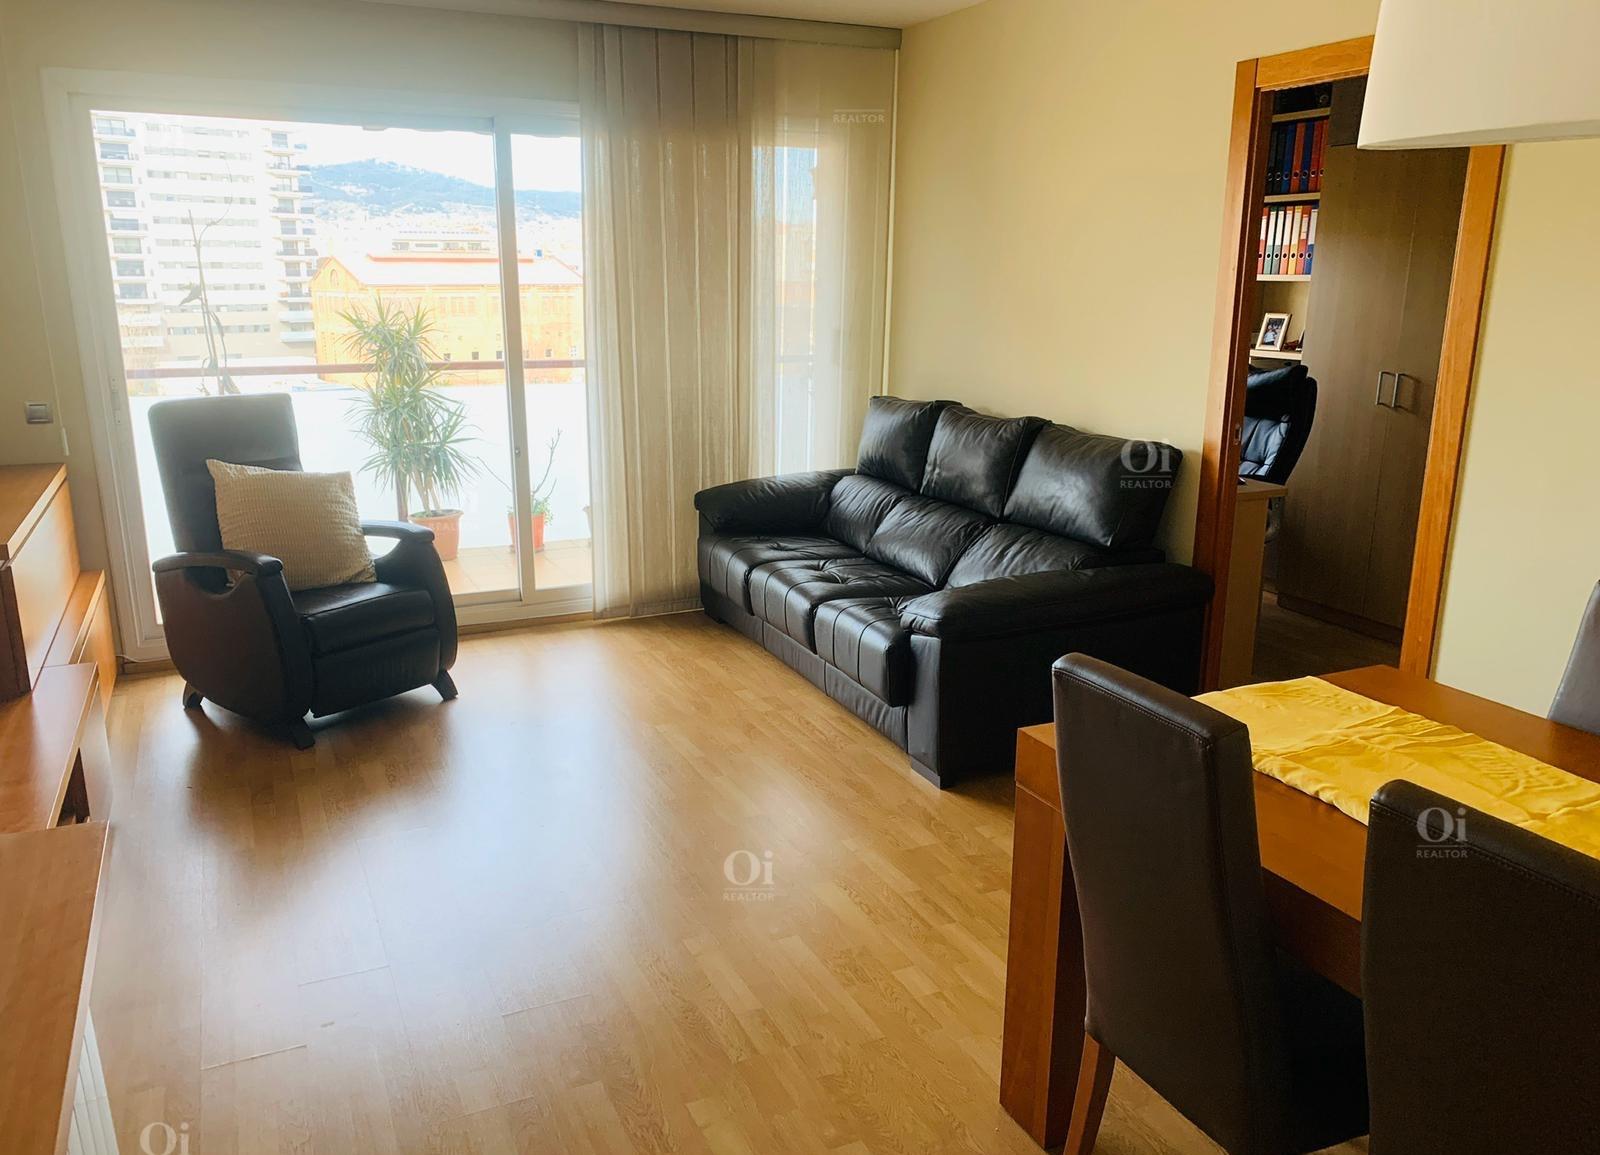 Красивая квартира на продажу в Сантс, Барселона.